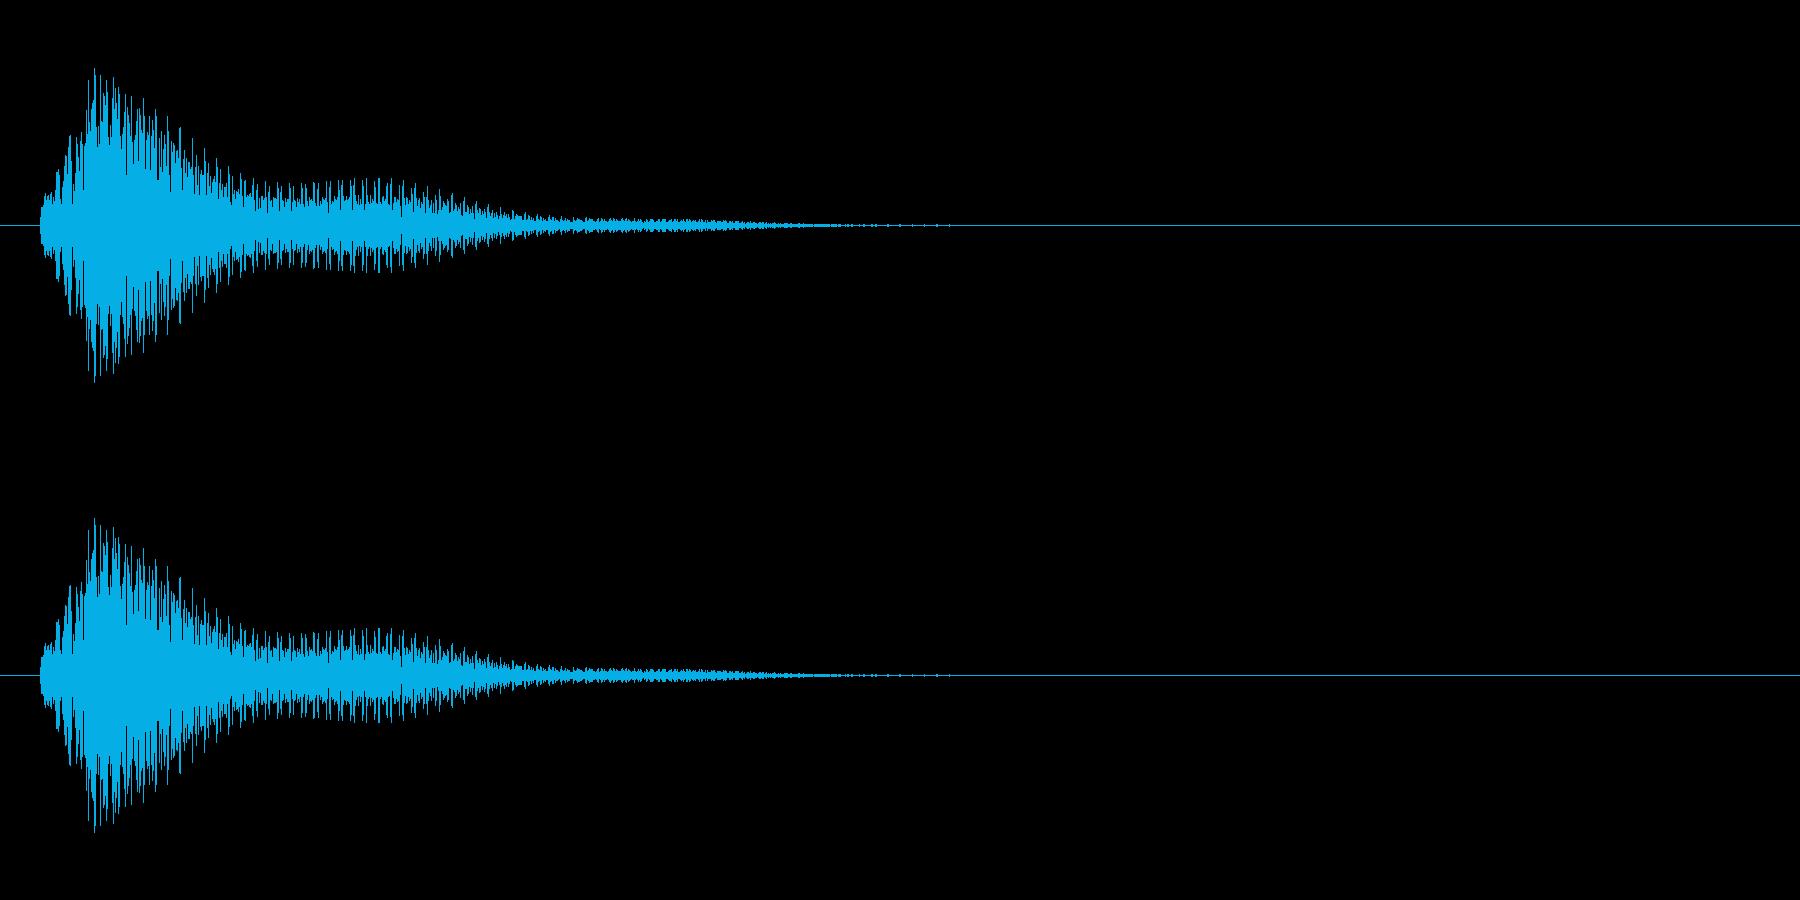 チャランといったシンプルな決定音・魔法音の再生済みの波形